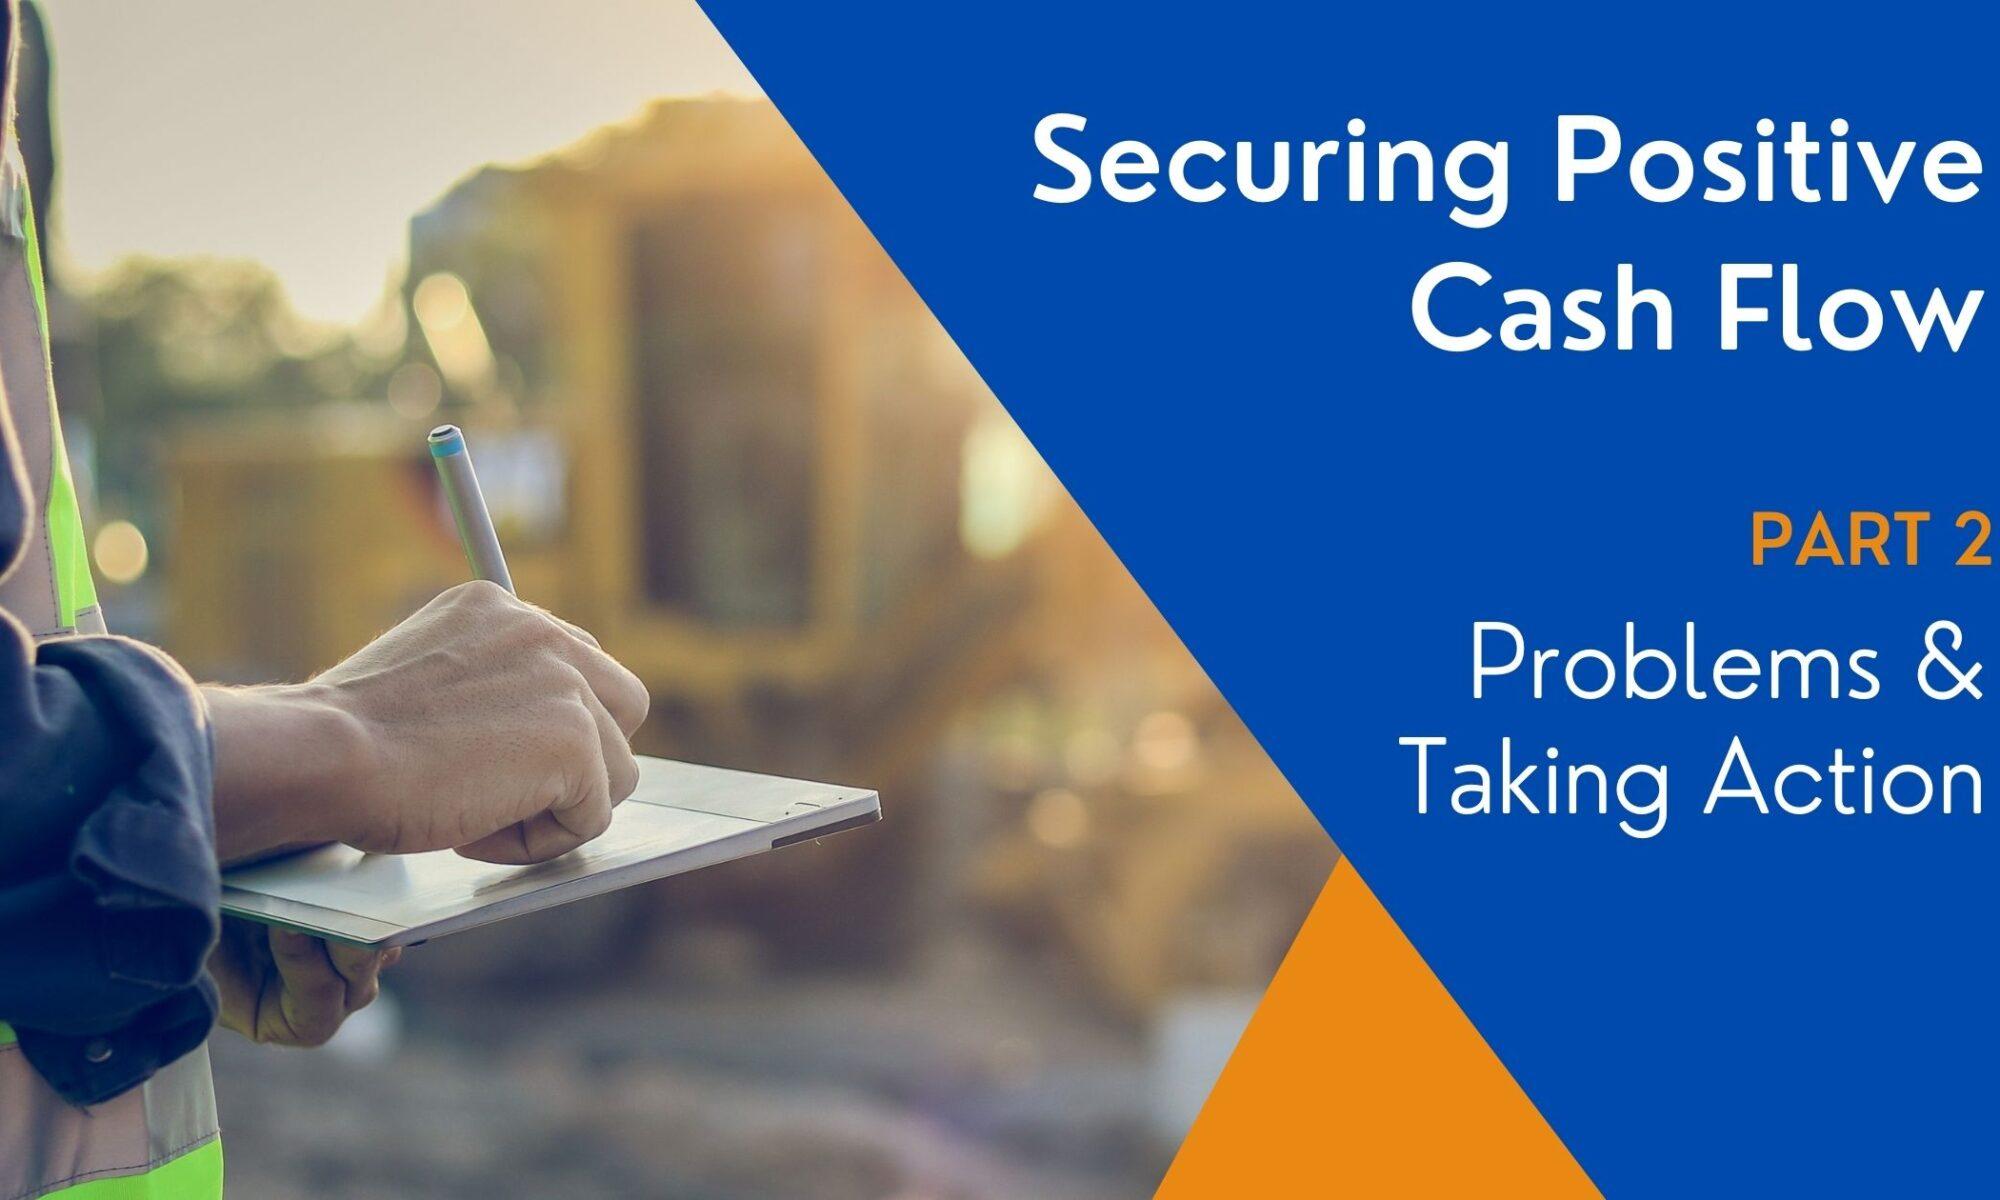 Securing Positive Cash Flow Part 2 Problems & Taking Action